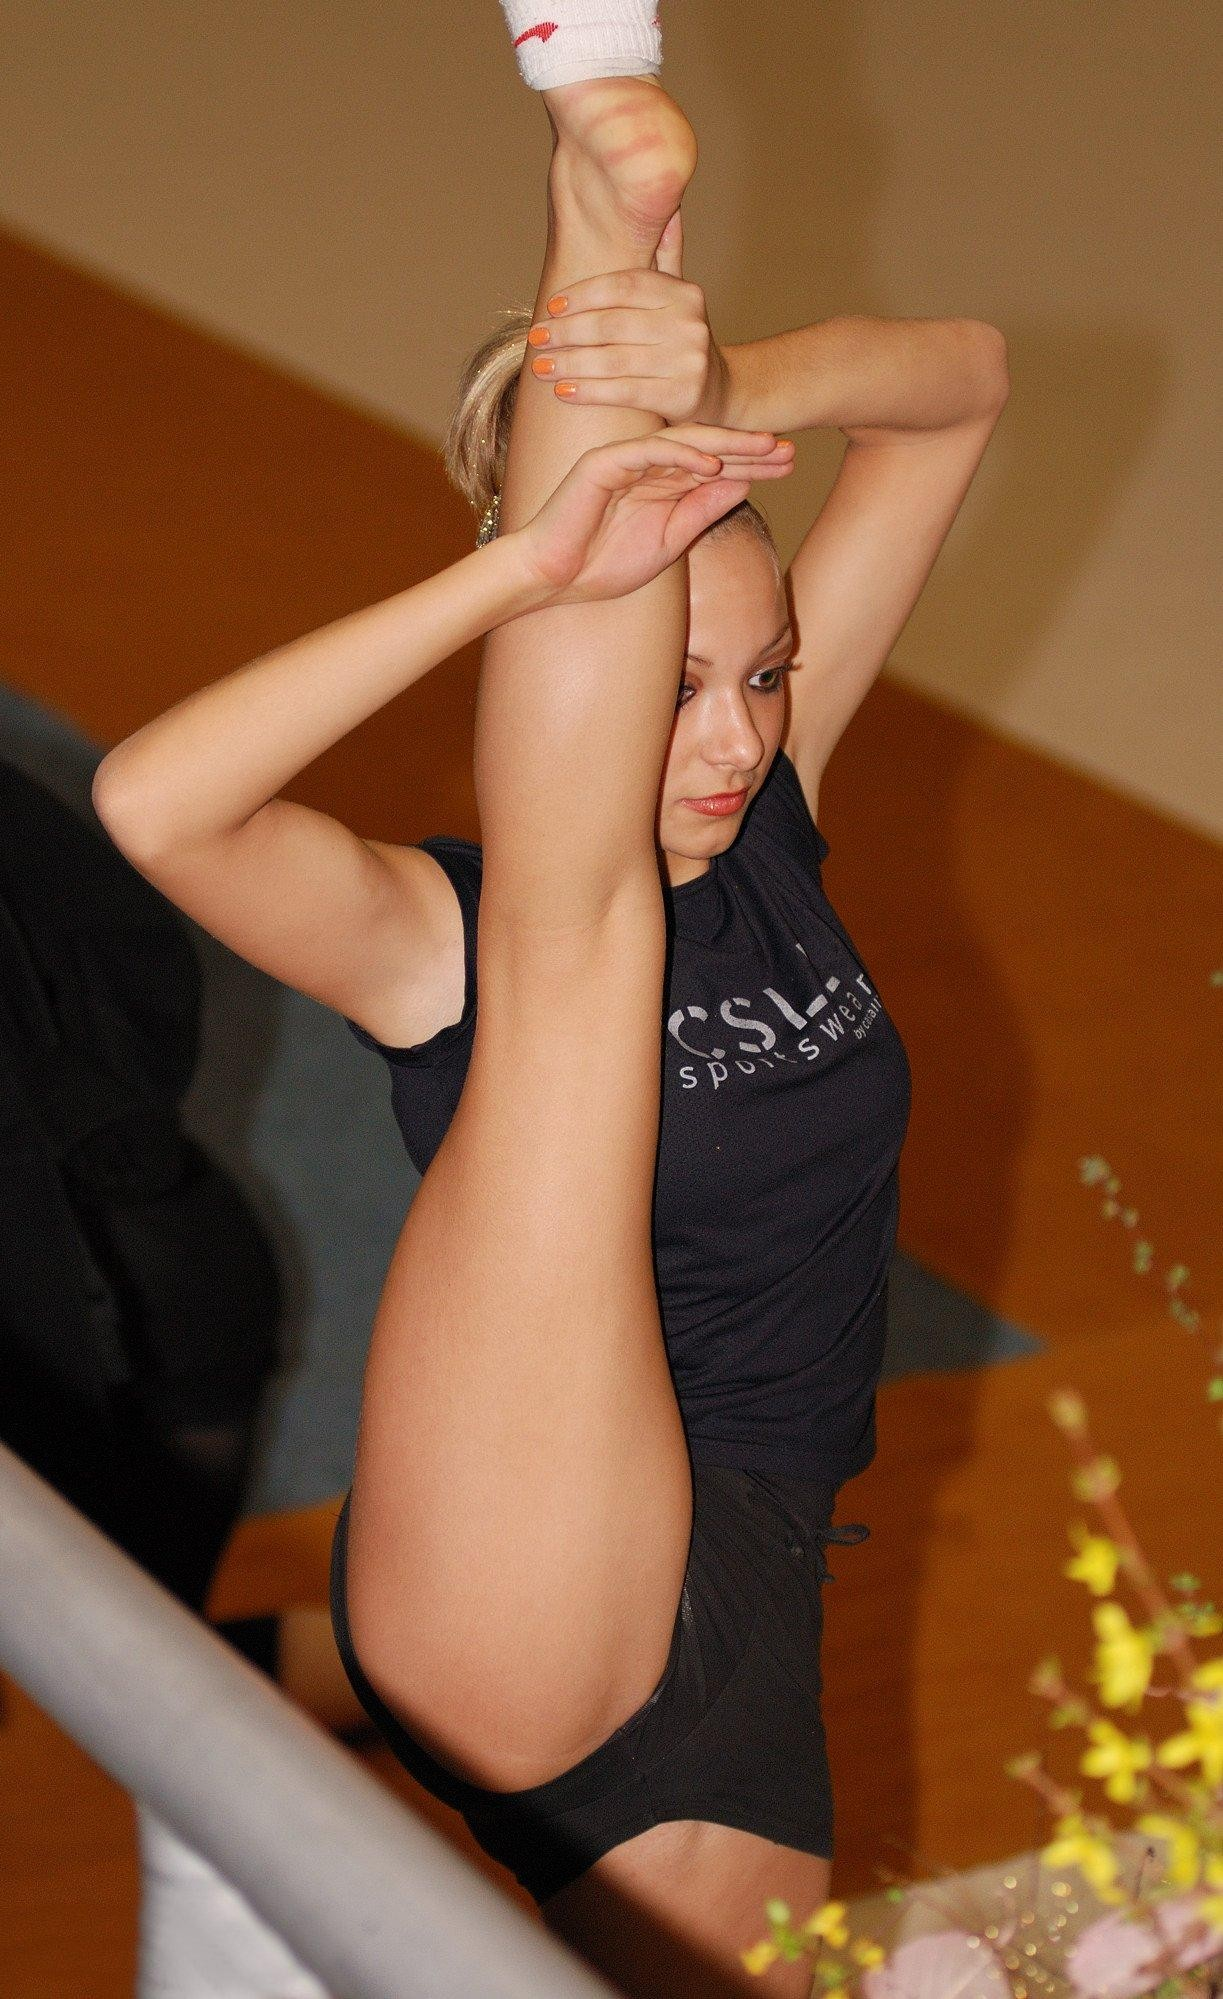 【軟体エロ画像】奥まで届きそうw自分が出来ないから憧れる関節柔らか女子の大開脚(*´Д`)